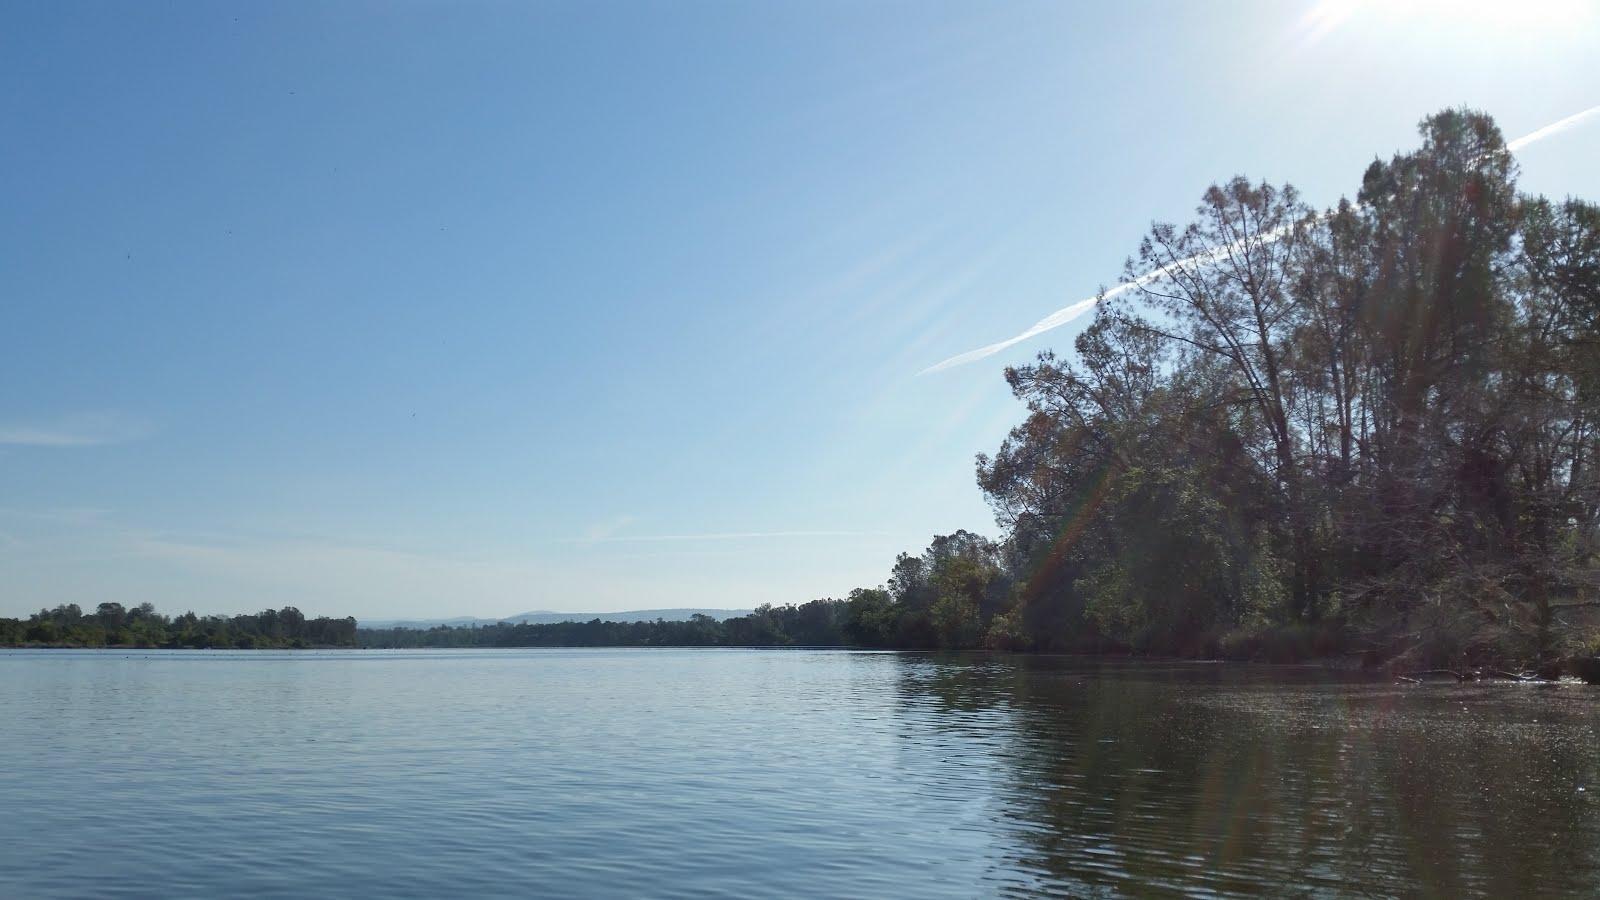 Kayaking time for Lake natoma fishing